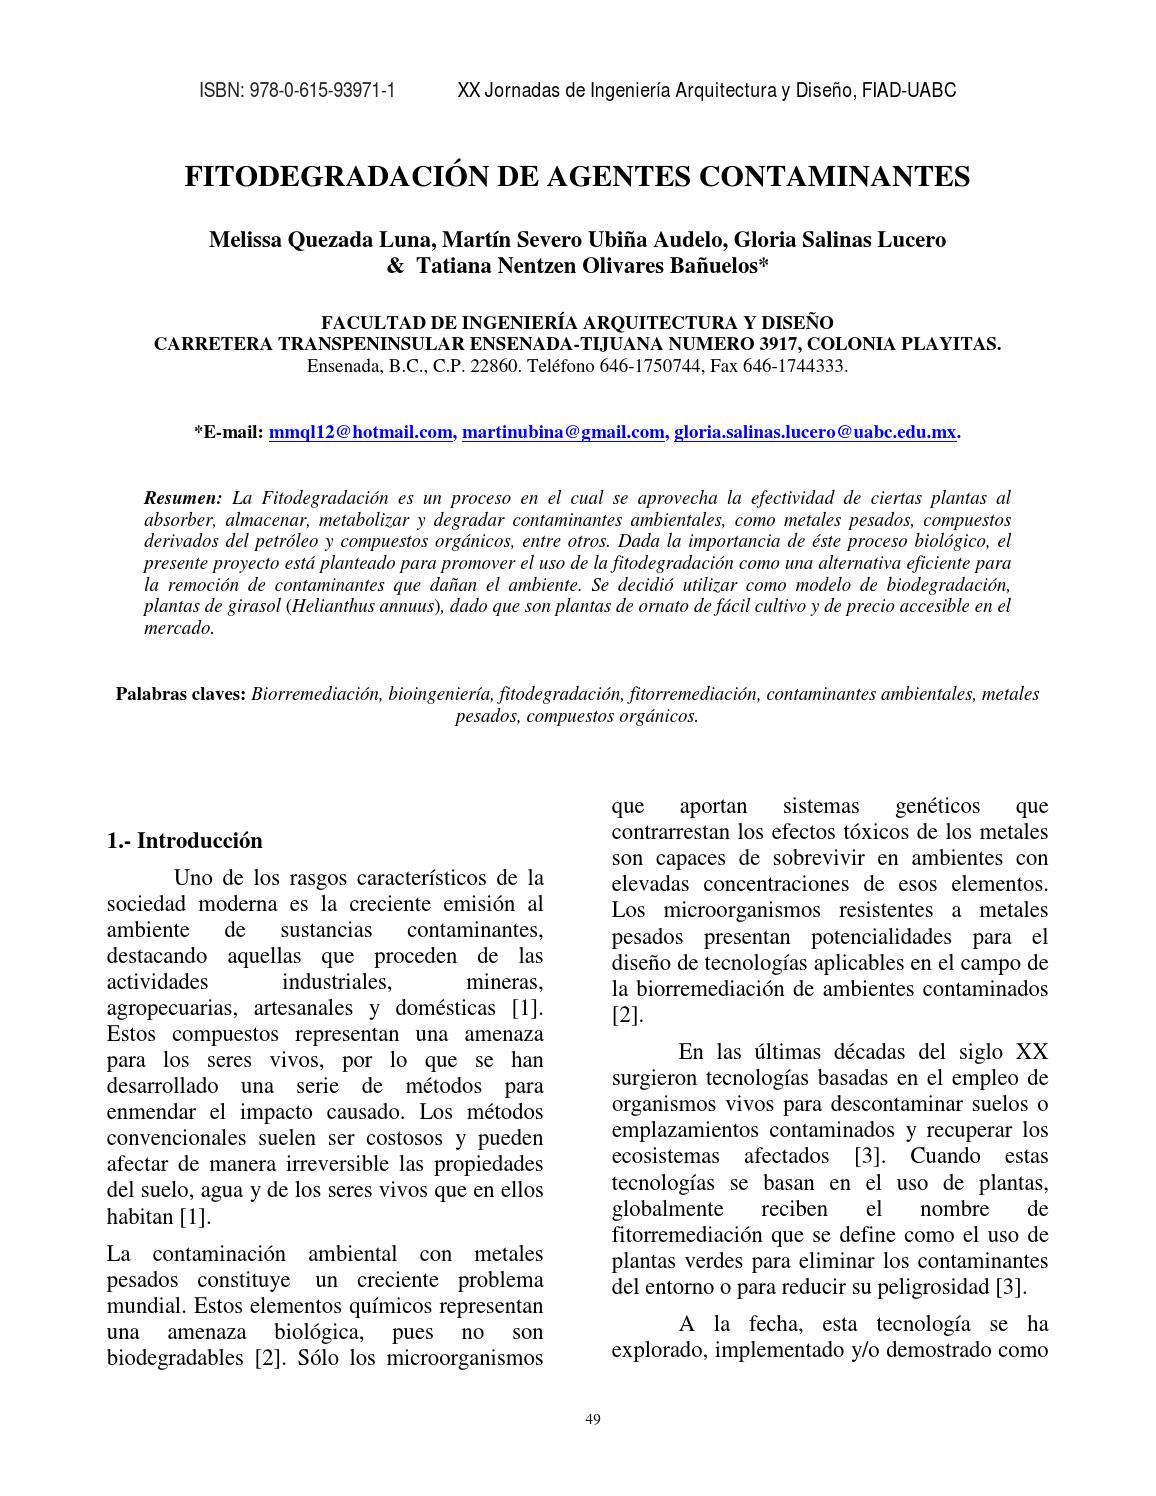 13 fitodegradaci n de agentes contaminantes by manuel Arquitectura y diseno uabc